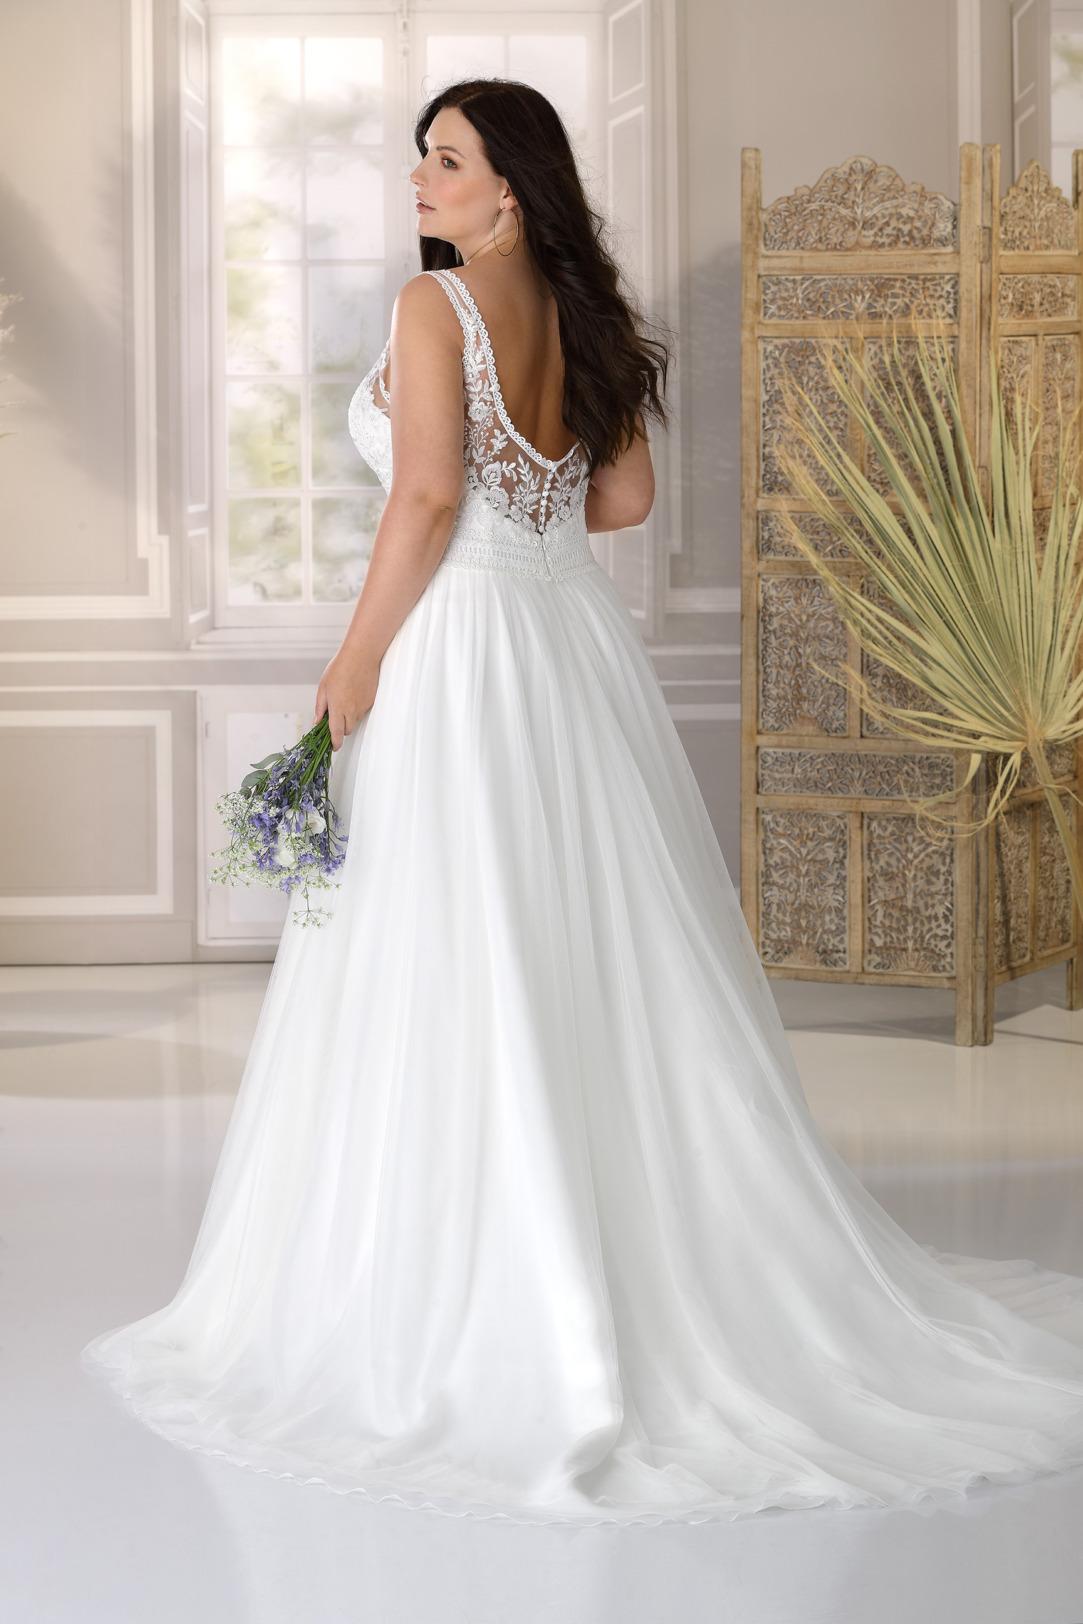 Brautkleid Hochzeitskleid A Linie für curvy grosse Grösse von Ladybird Modell LS221034 mit V Ausschnitt und breiten Trägern runder Rückenausschnitt und weich fließender Chiffonrock Ansicht Rücken